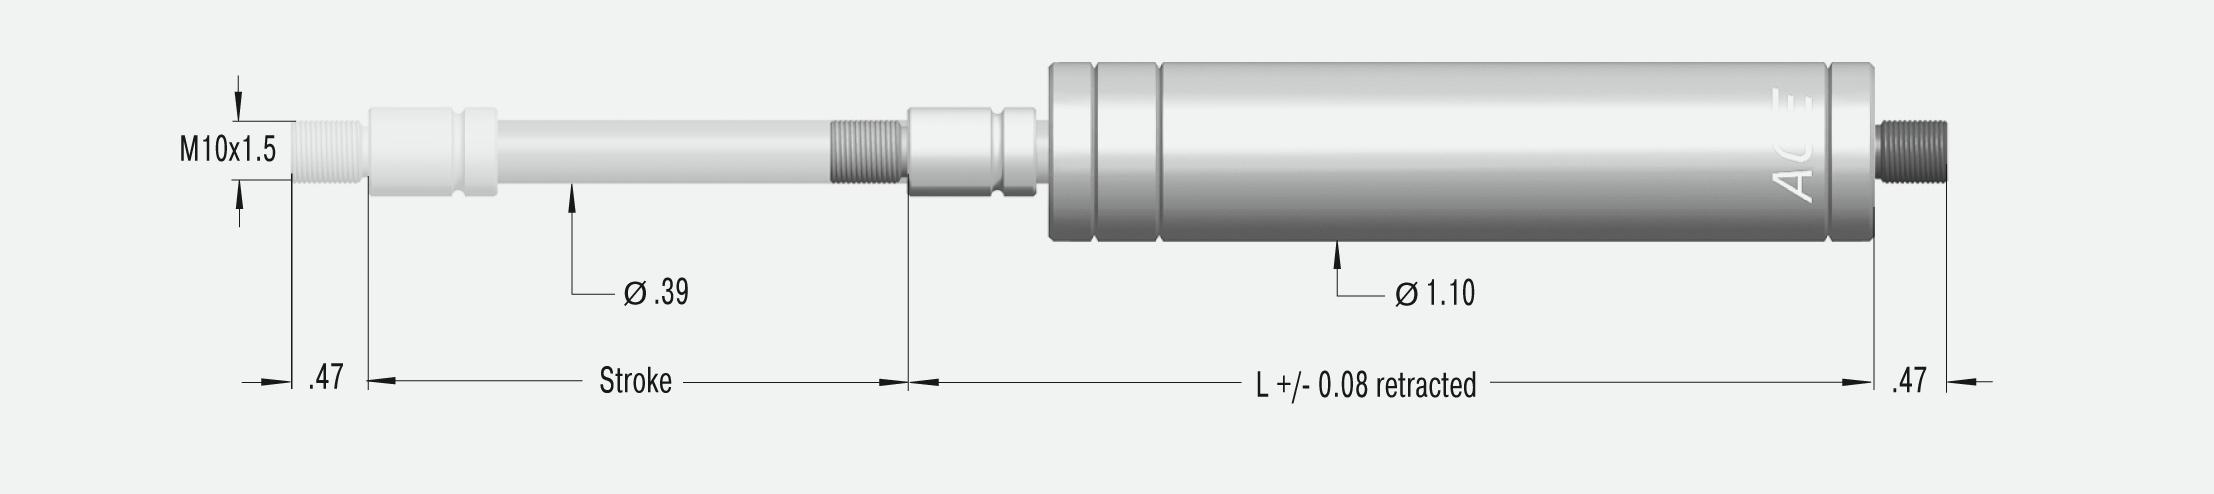 GZ-28-50-VA